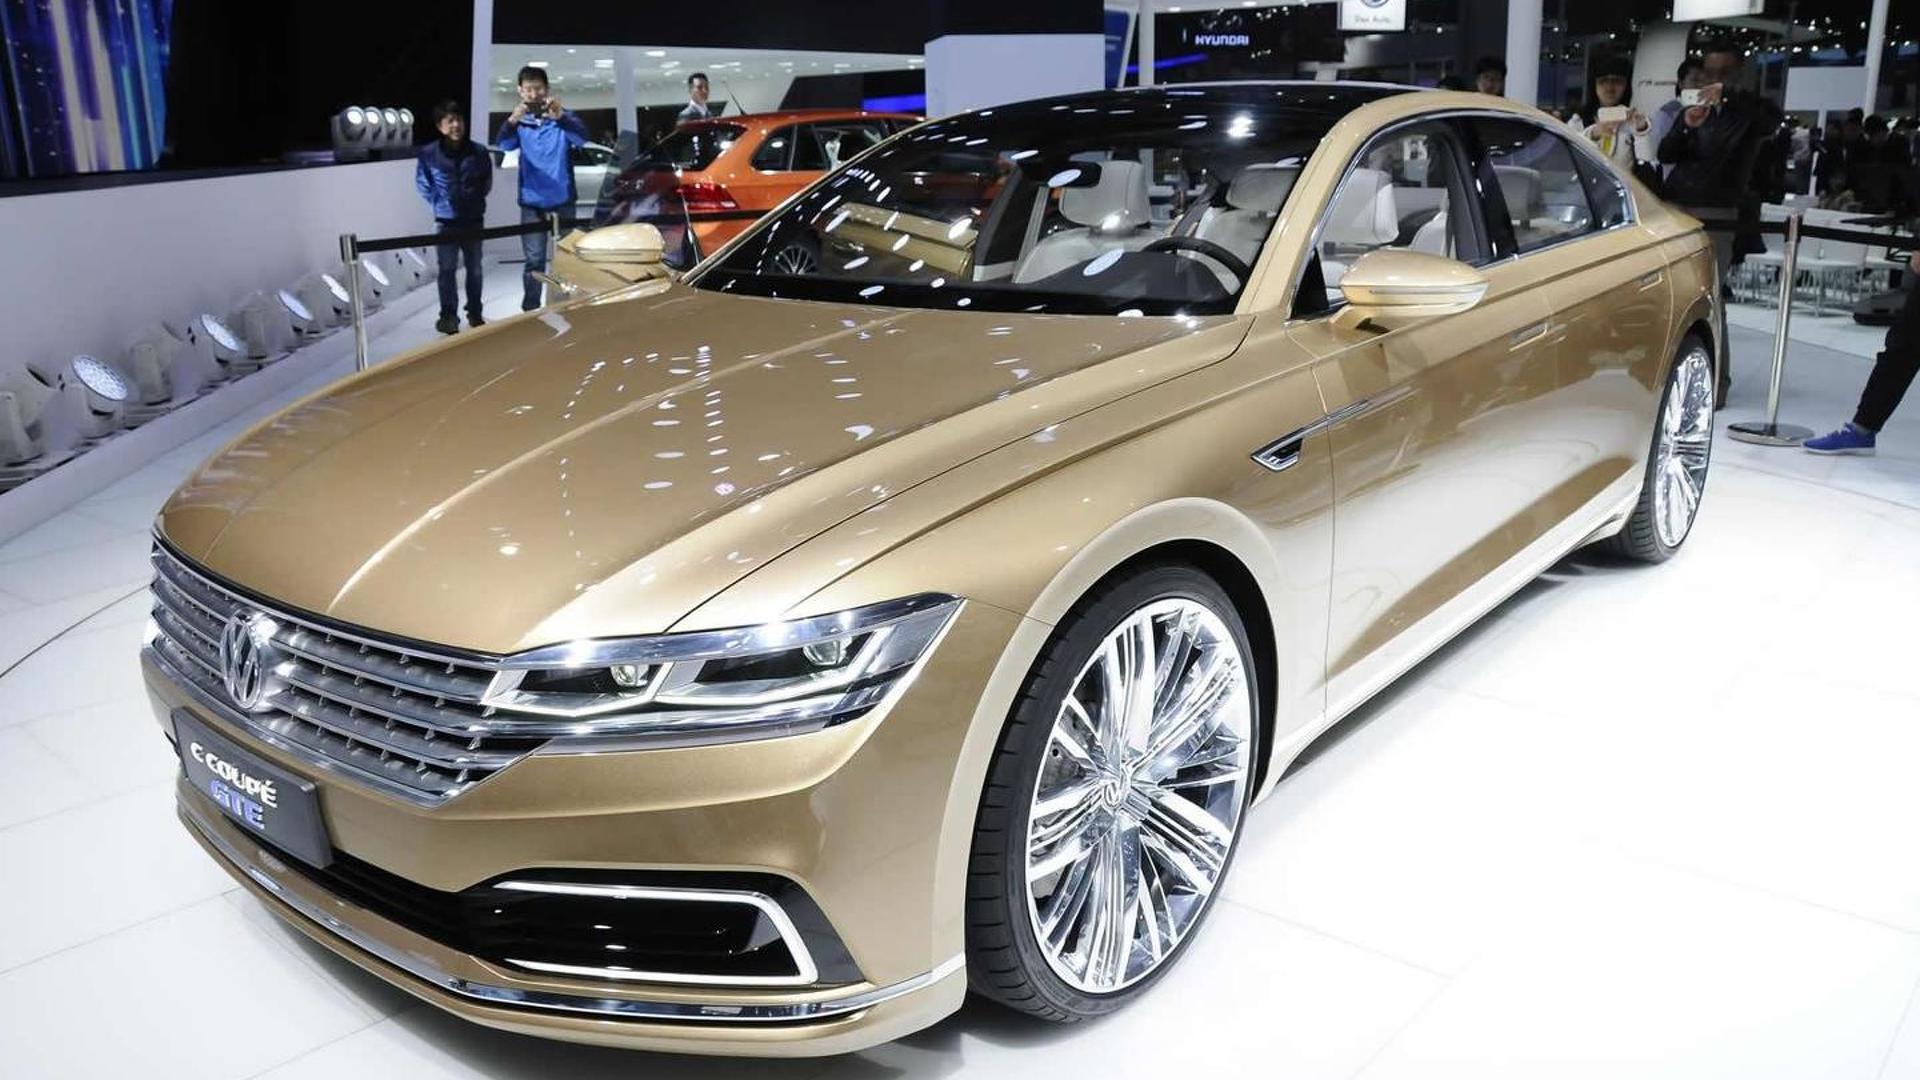 Volkswagen C Coupe GTE concept flaunts its sleek body in Shanghai